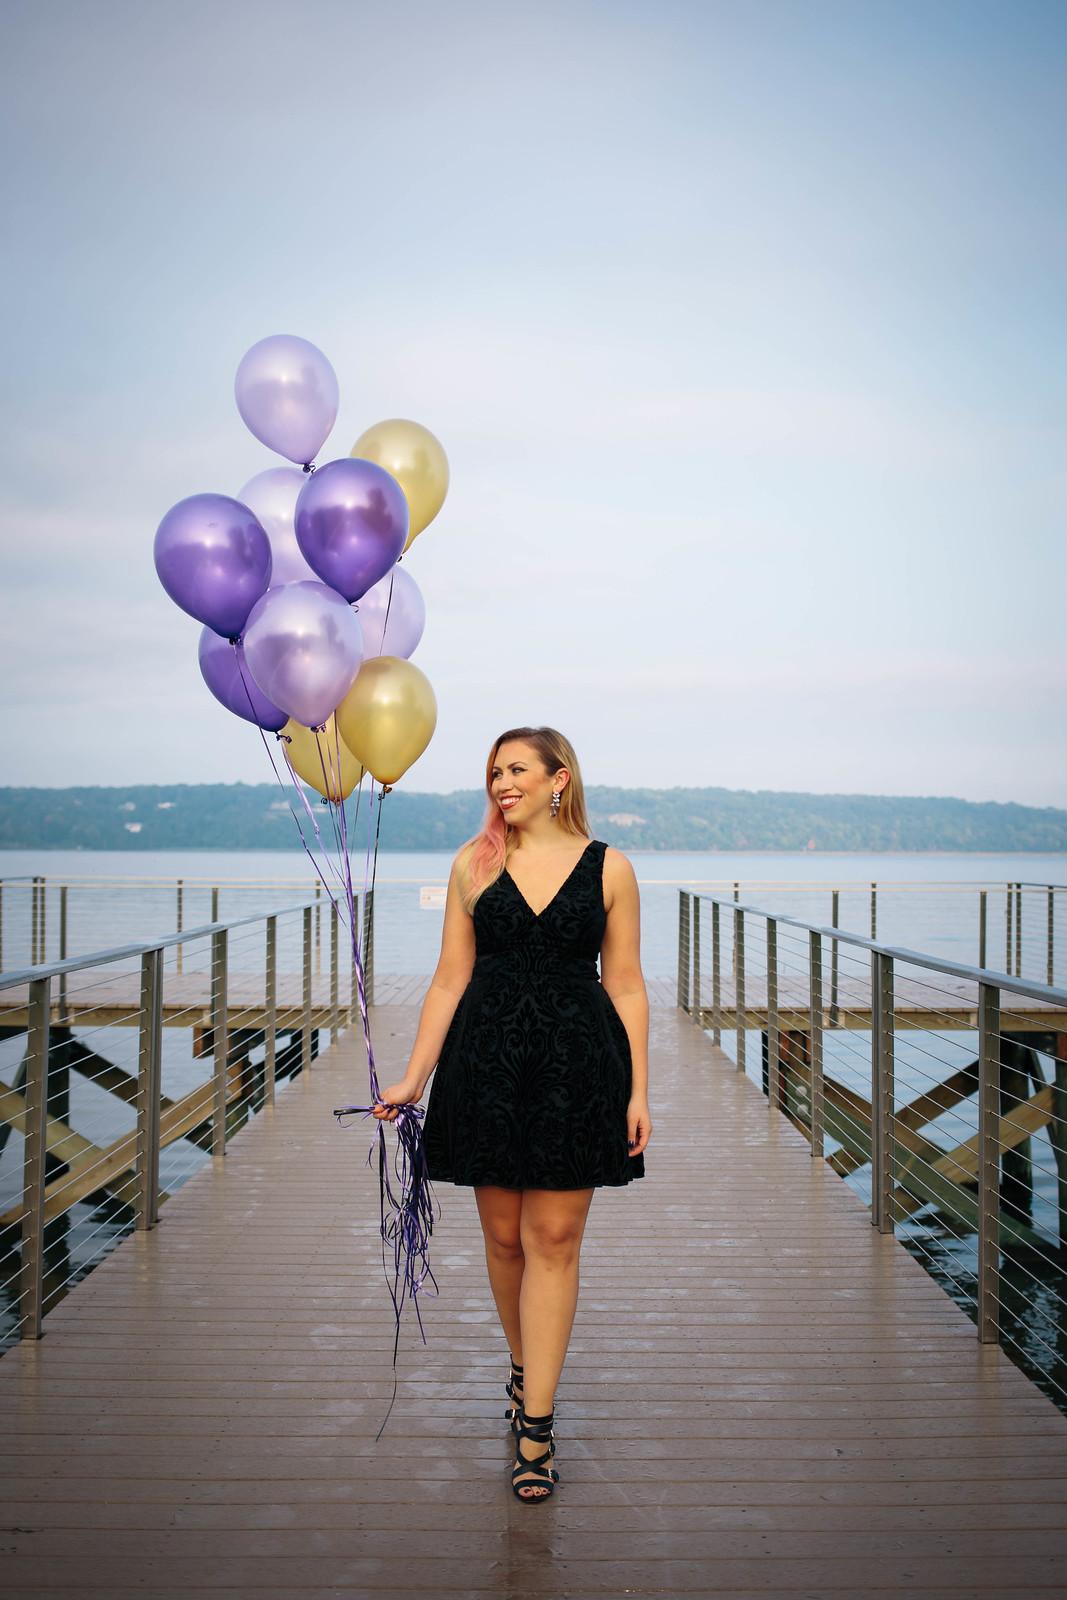 30th Birthday Balloons Photoshoot Ideas